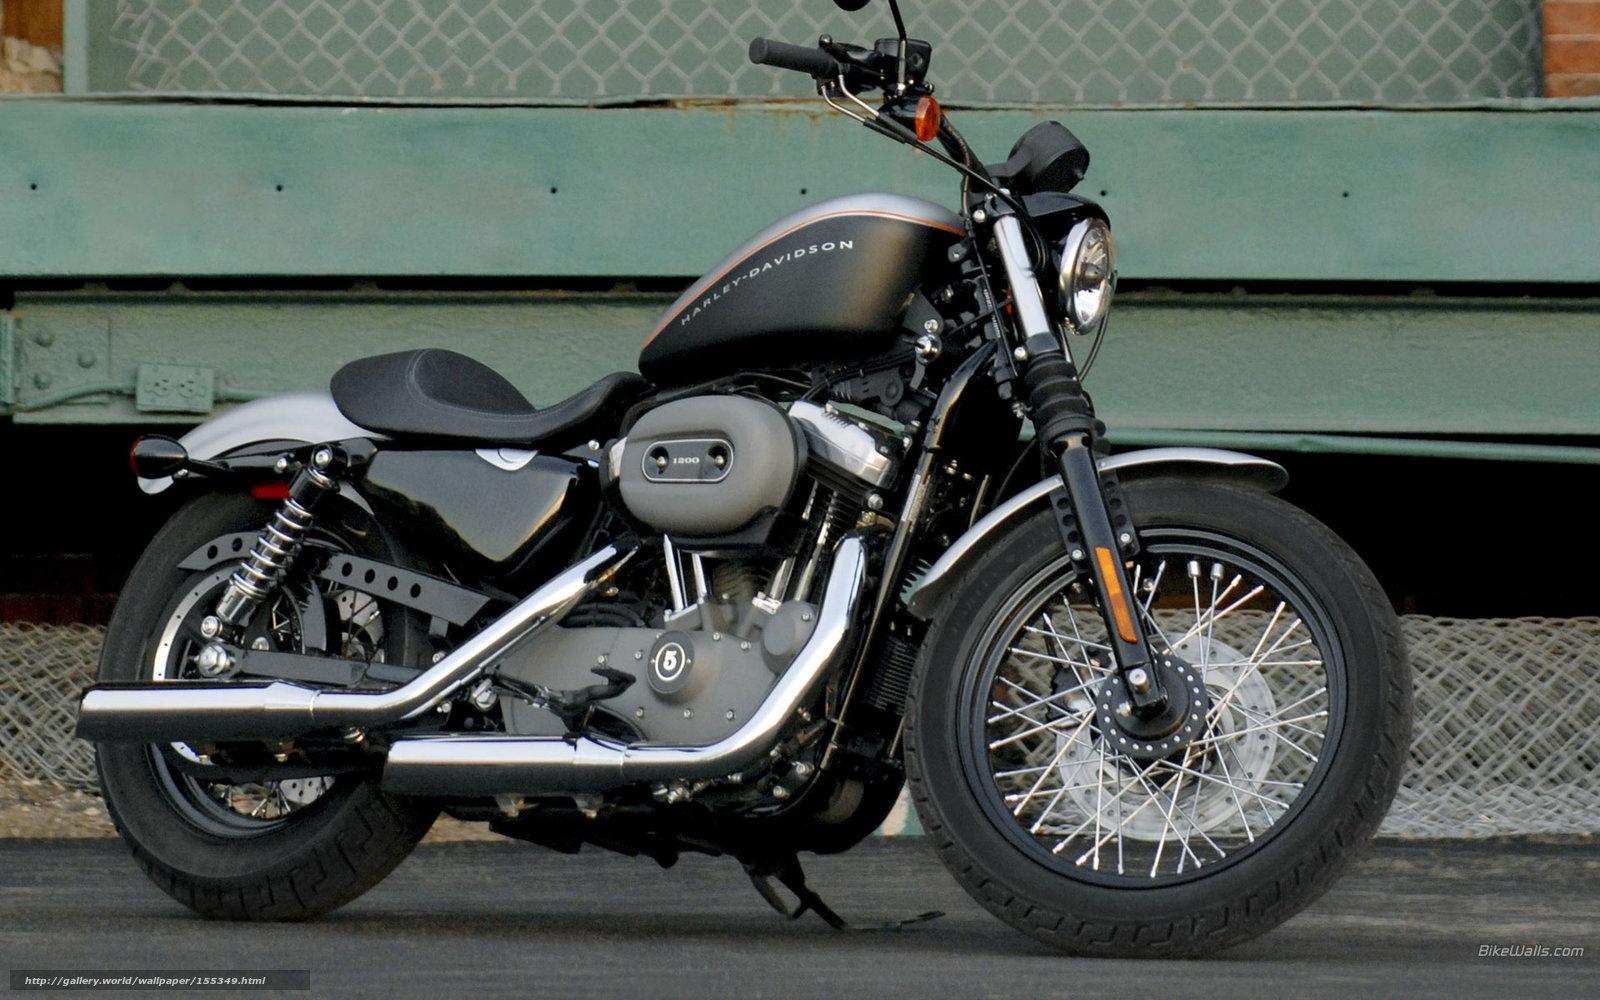 Harley Davidson: Tlcharger Fond D'ecran Harley-Davidson, Sportster, XL1200N